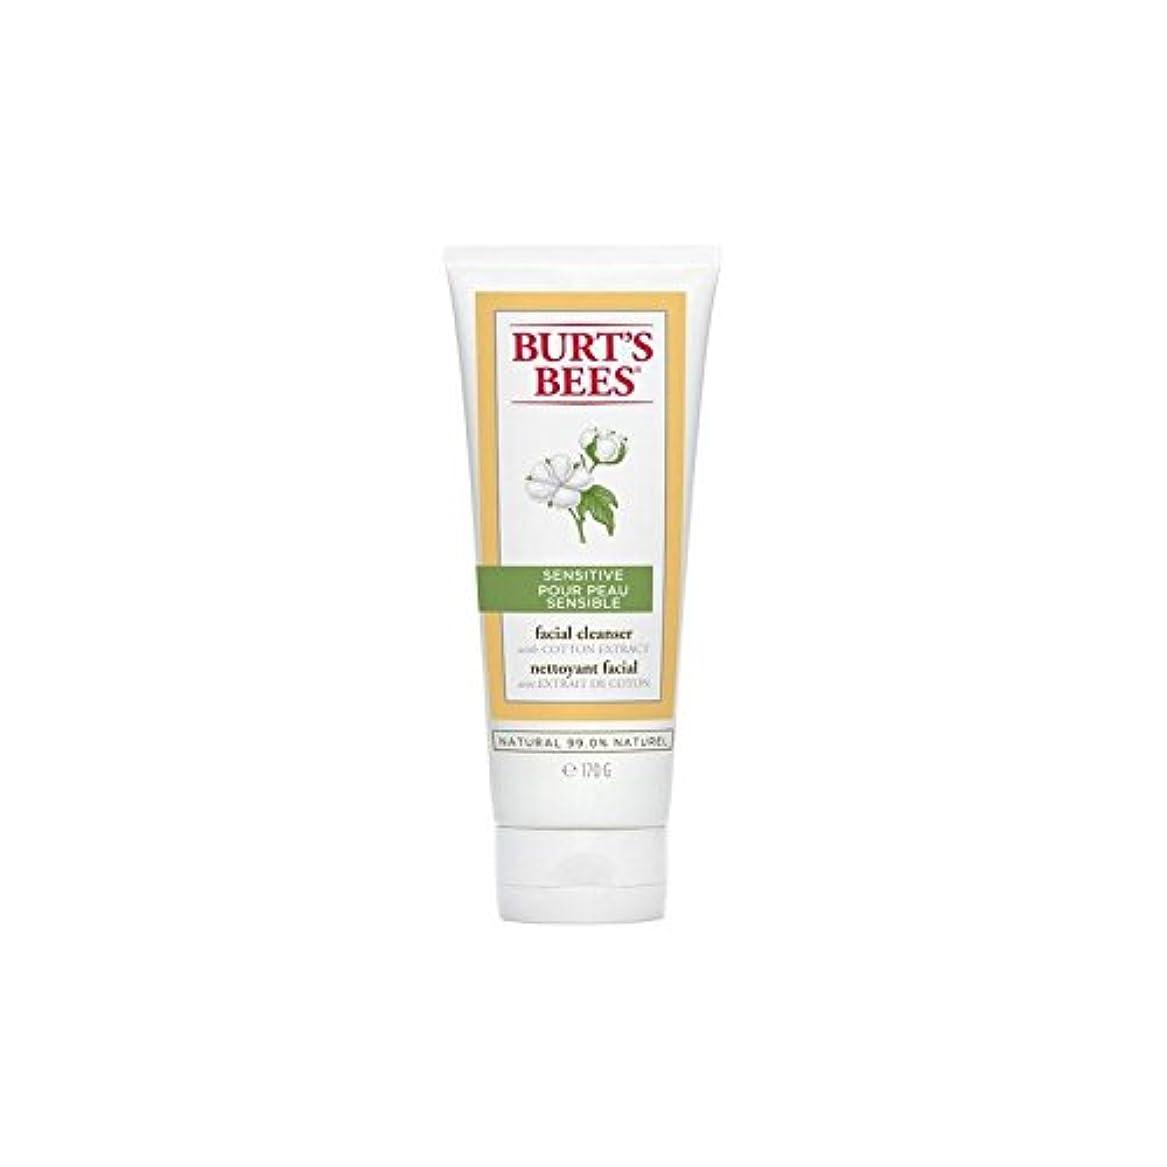 偏差雨の一般的なバーツビー敏感な洗顔料の170グラム x2 - Burt's Bees Sensitive Facial Cleanser 170G (Pack of 2) [並行輸入品]